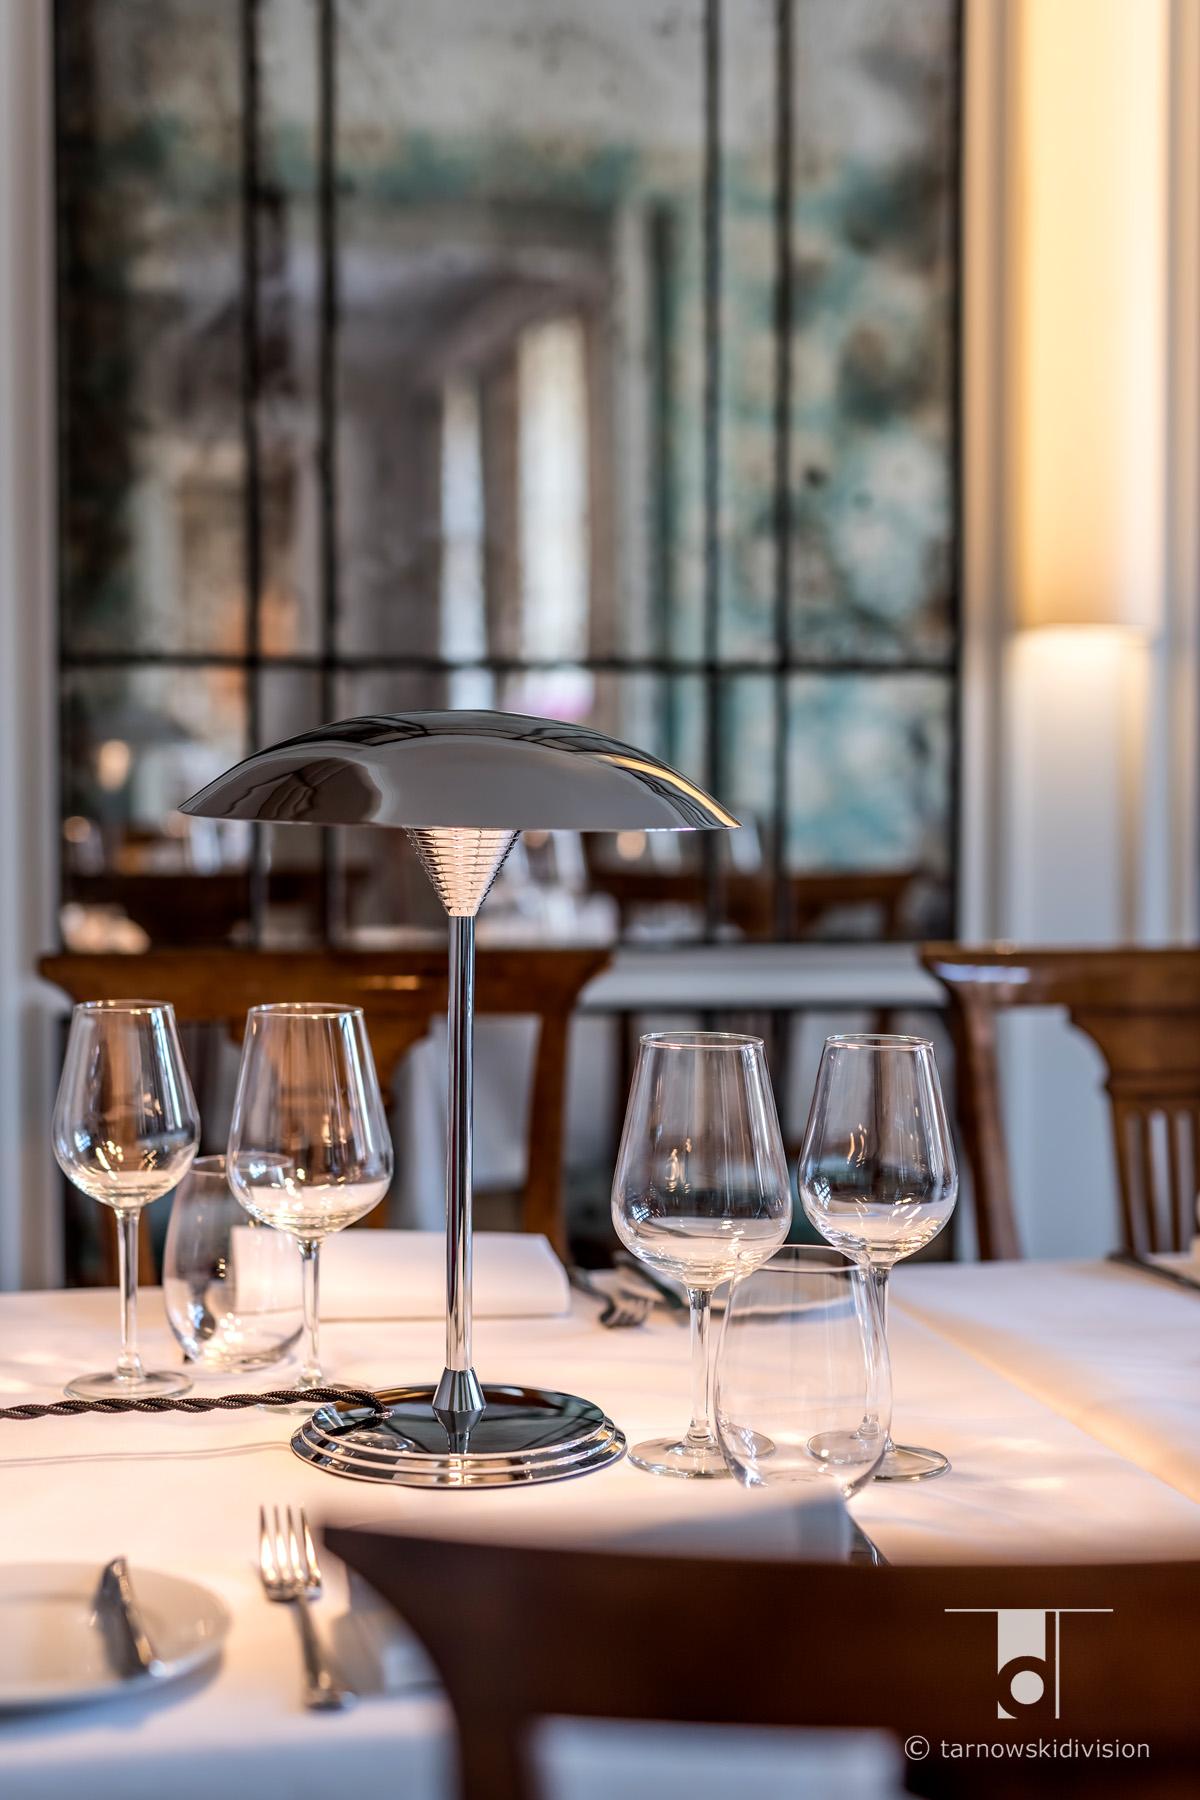 wnętrze restauracji polskiej Rozana restauracja projekt wnętrz restaurant interior design_tarnowskidivision